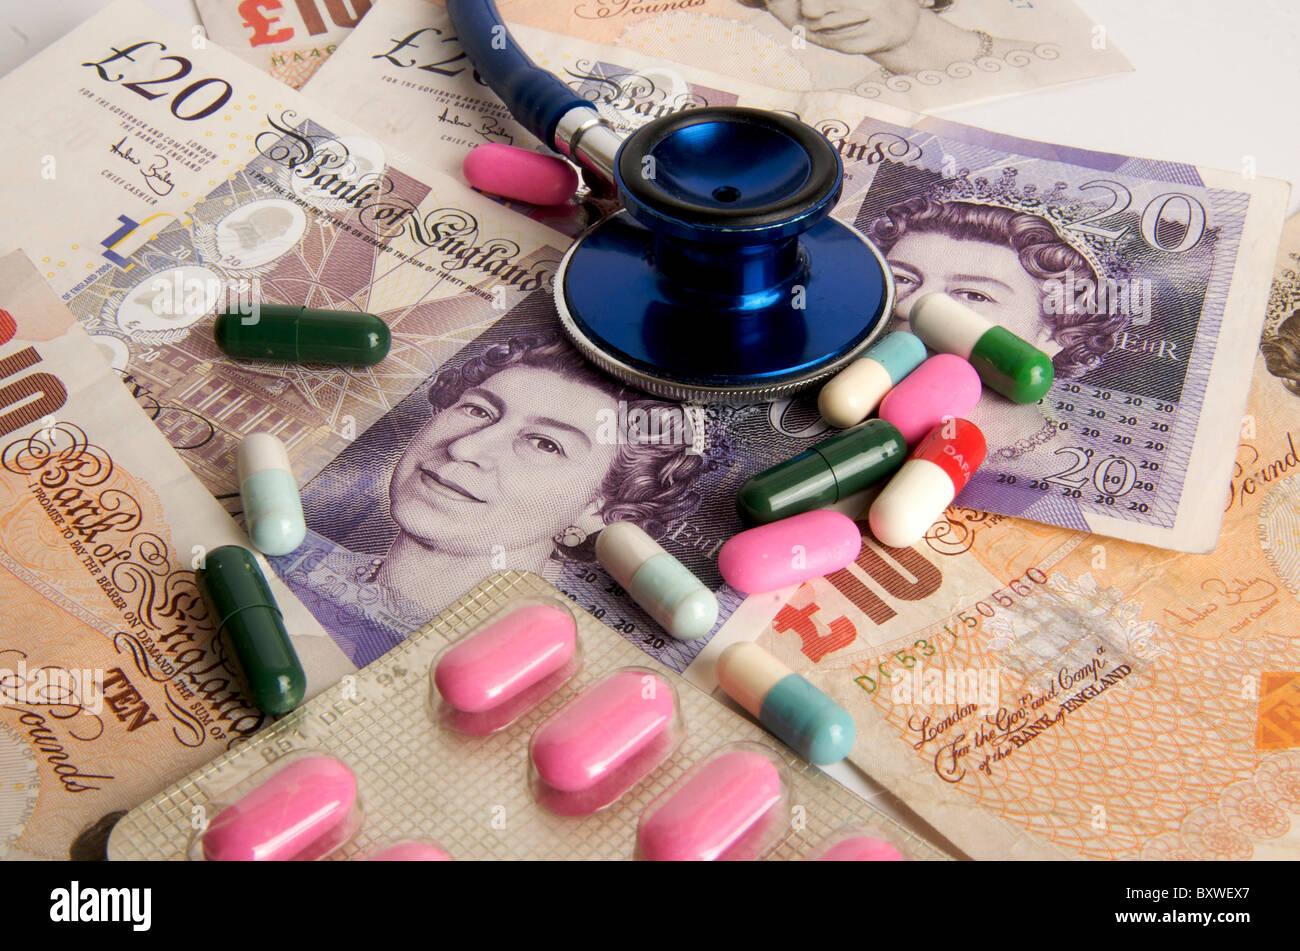 Livre sterling billets, stéthoscope, comprimés, soins de santé concept au Royaume-Uni. Photo Stock